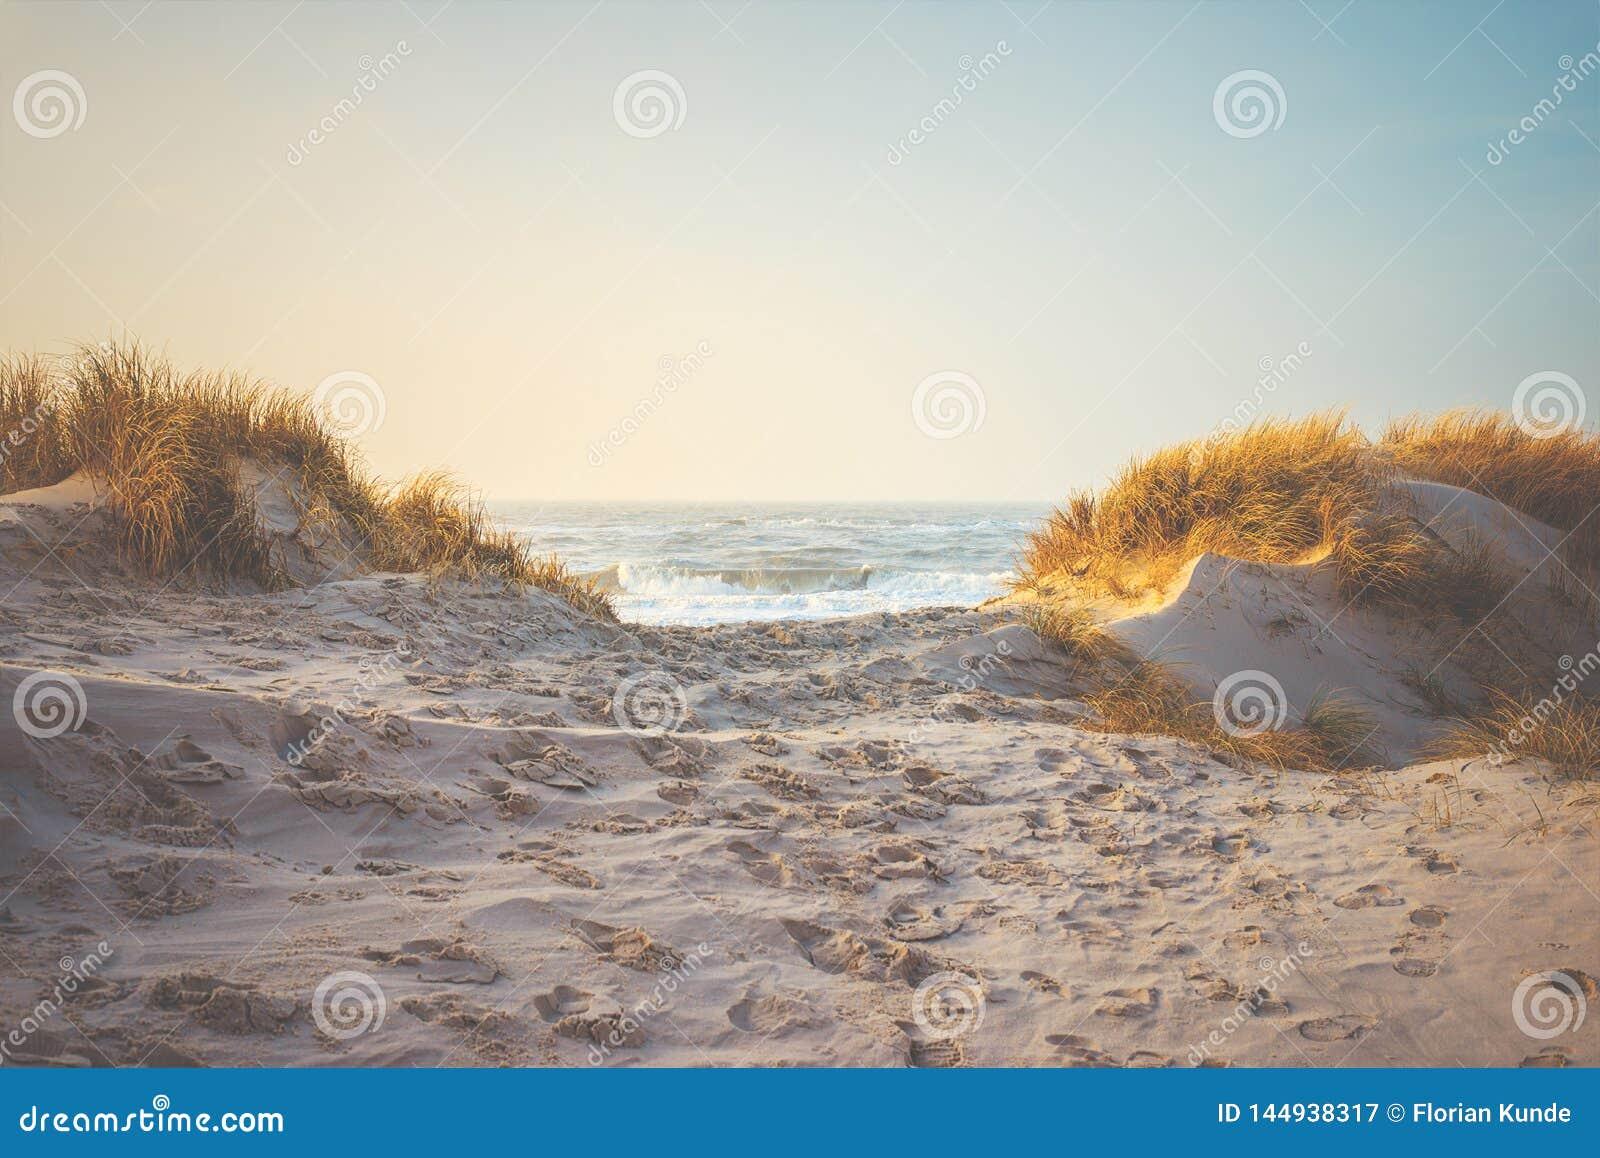 Dunas e hierba en la playa en la costa de Dinamarca